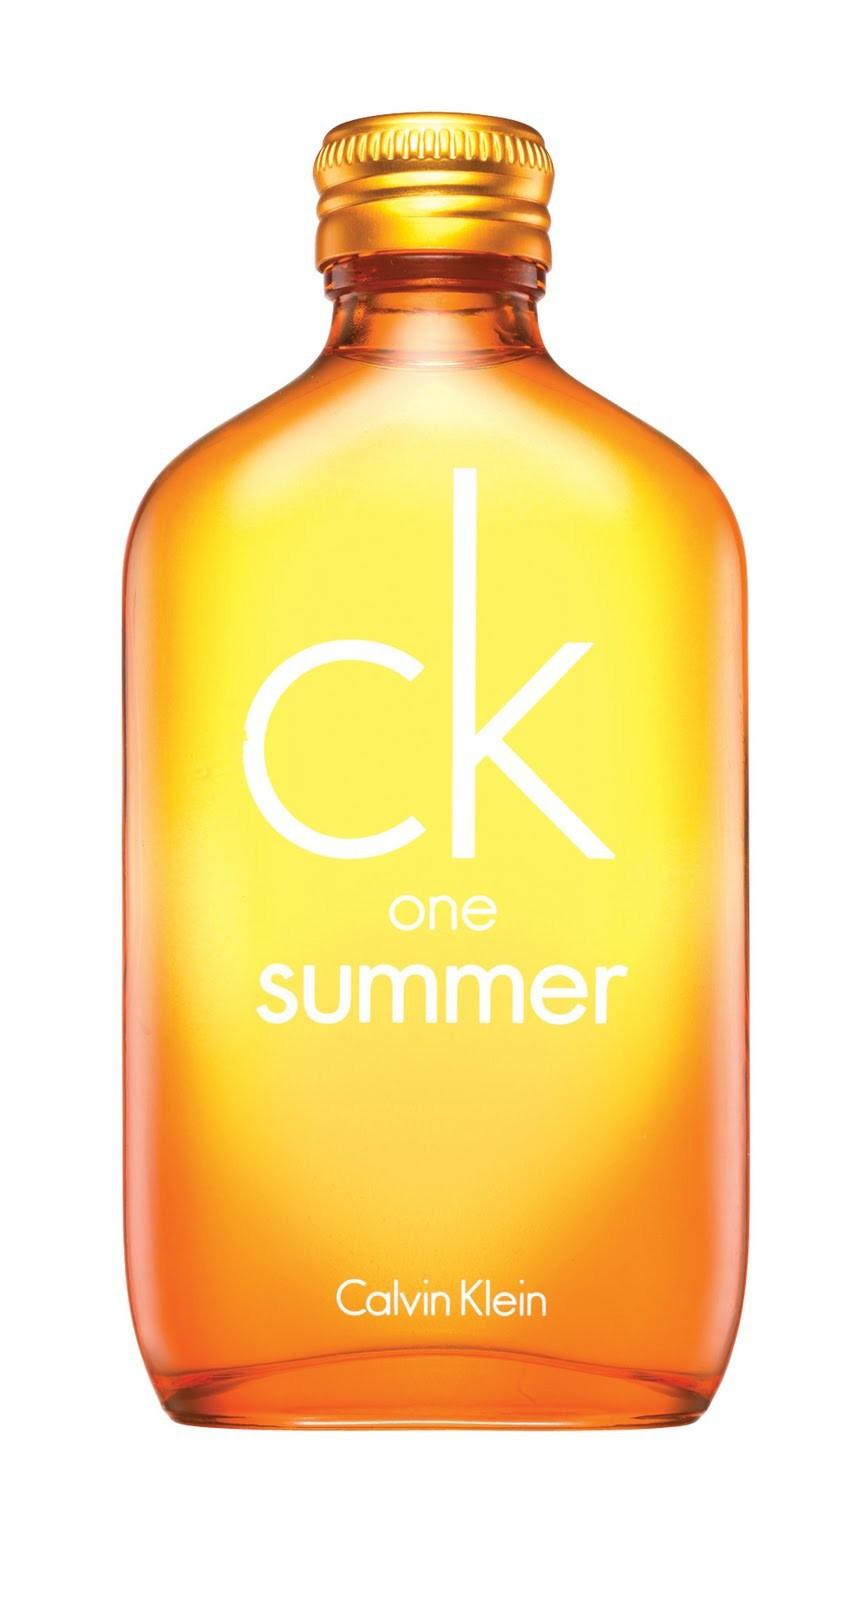 Calvin Klein CK One Summer 2010 аромат для мужчин и женщин